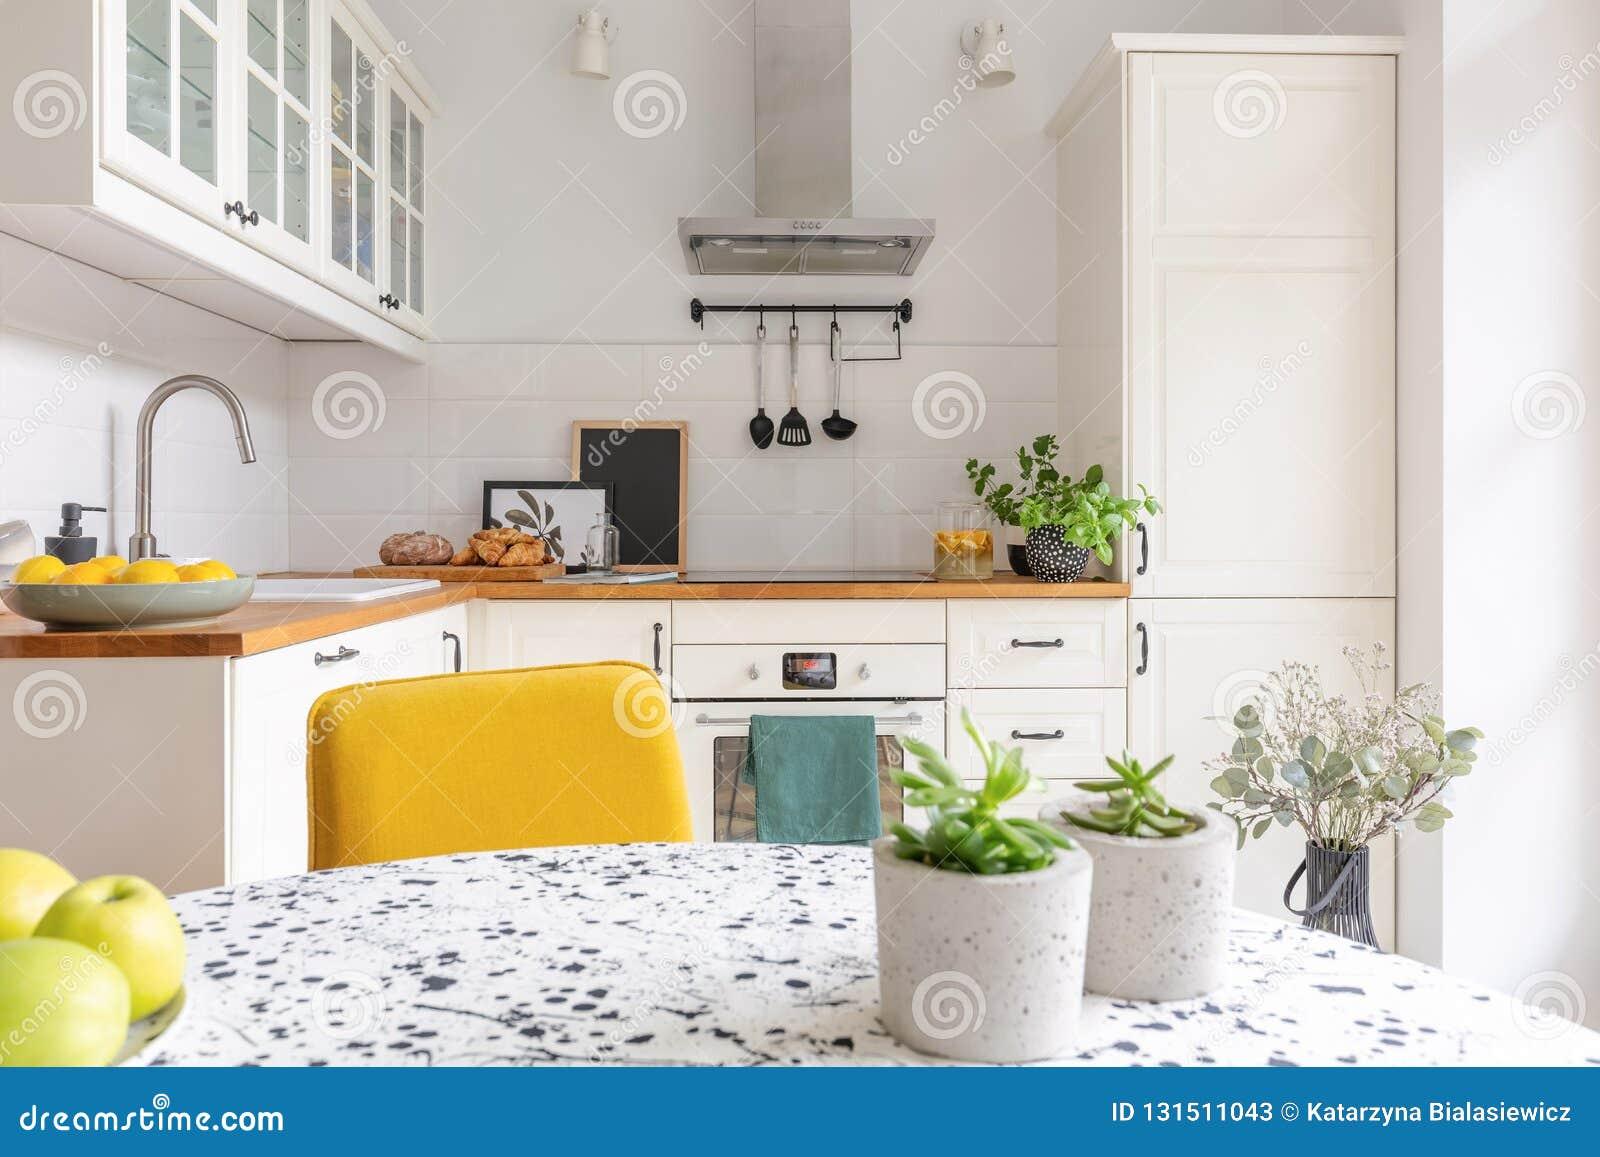 Tabell i den stilfulla vita kökinre, verkligt foto